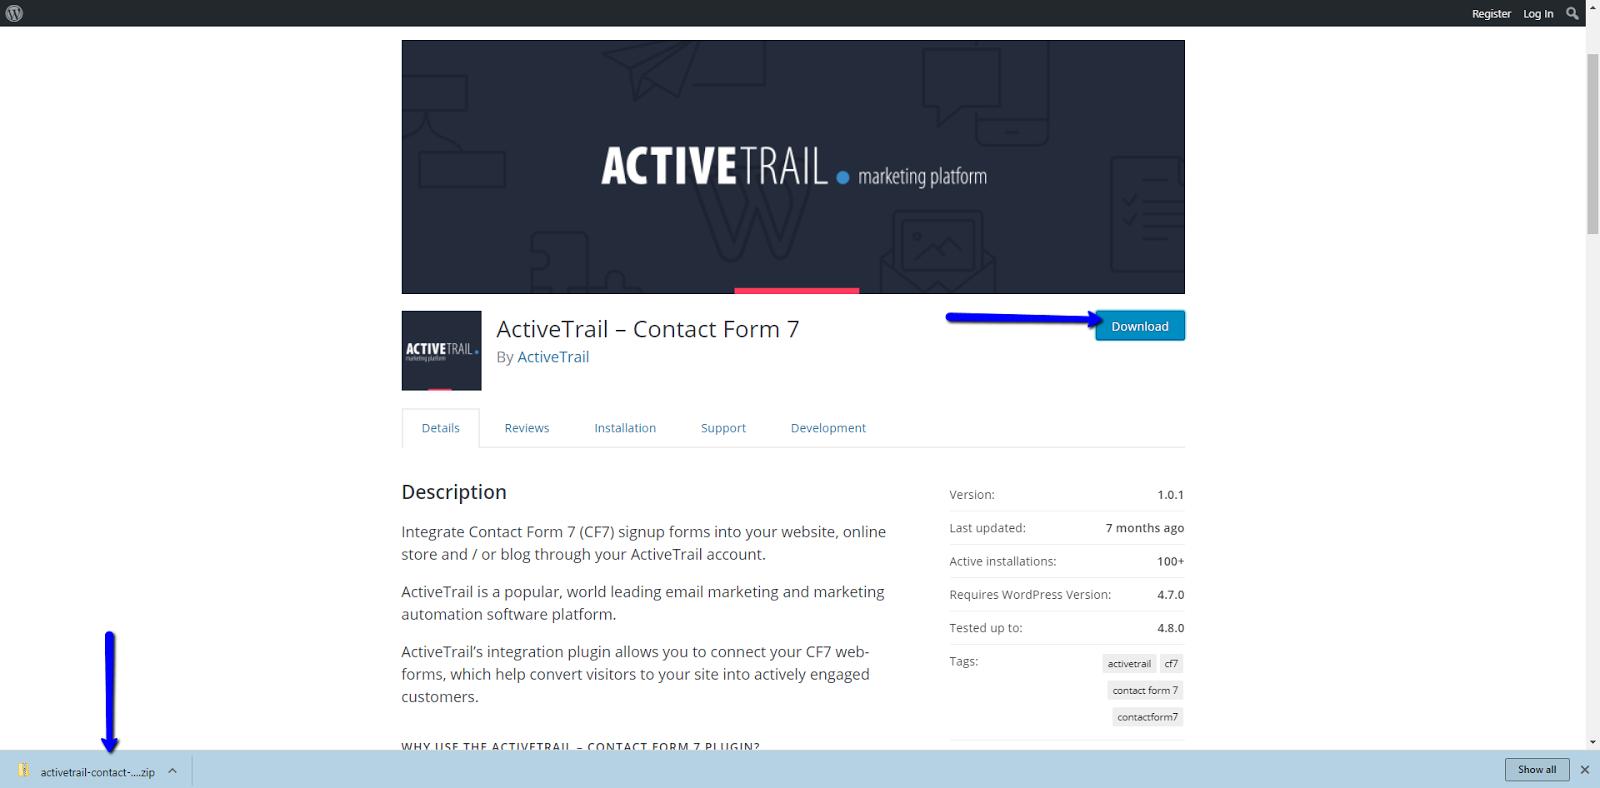 ActiveTrail Contact form 7 integration